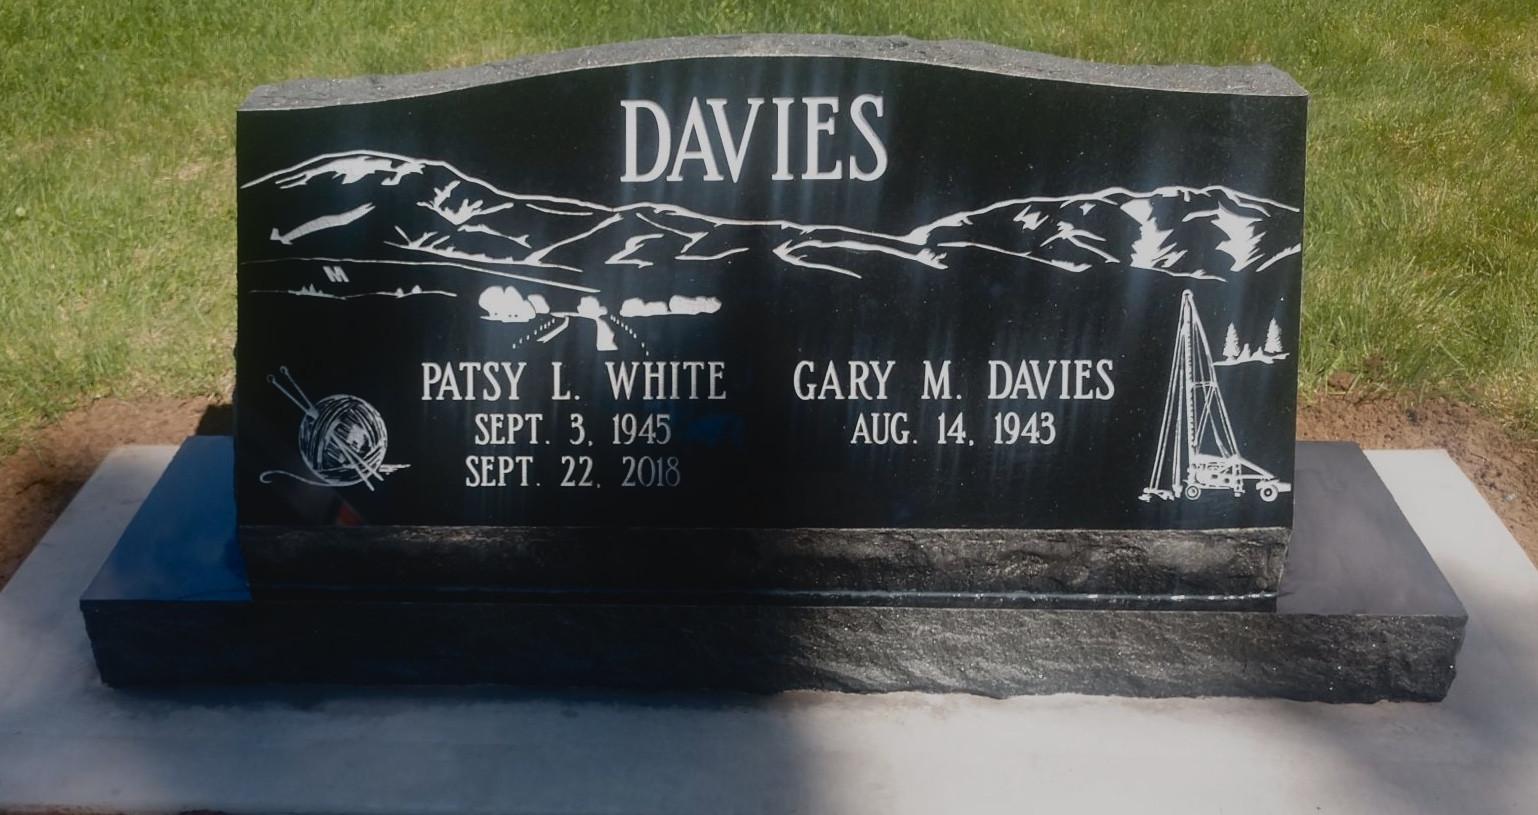 Davies Slant Headstone